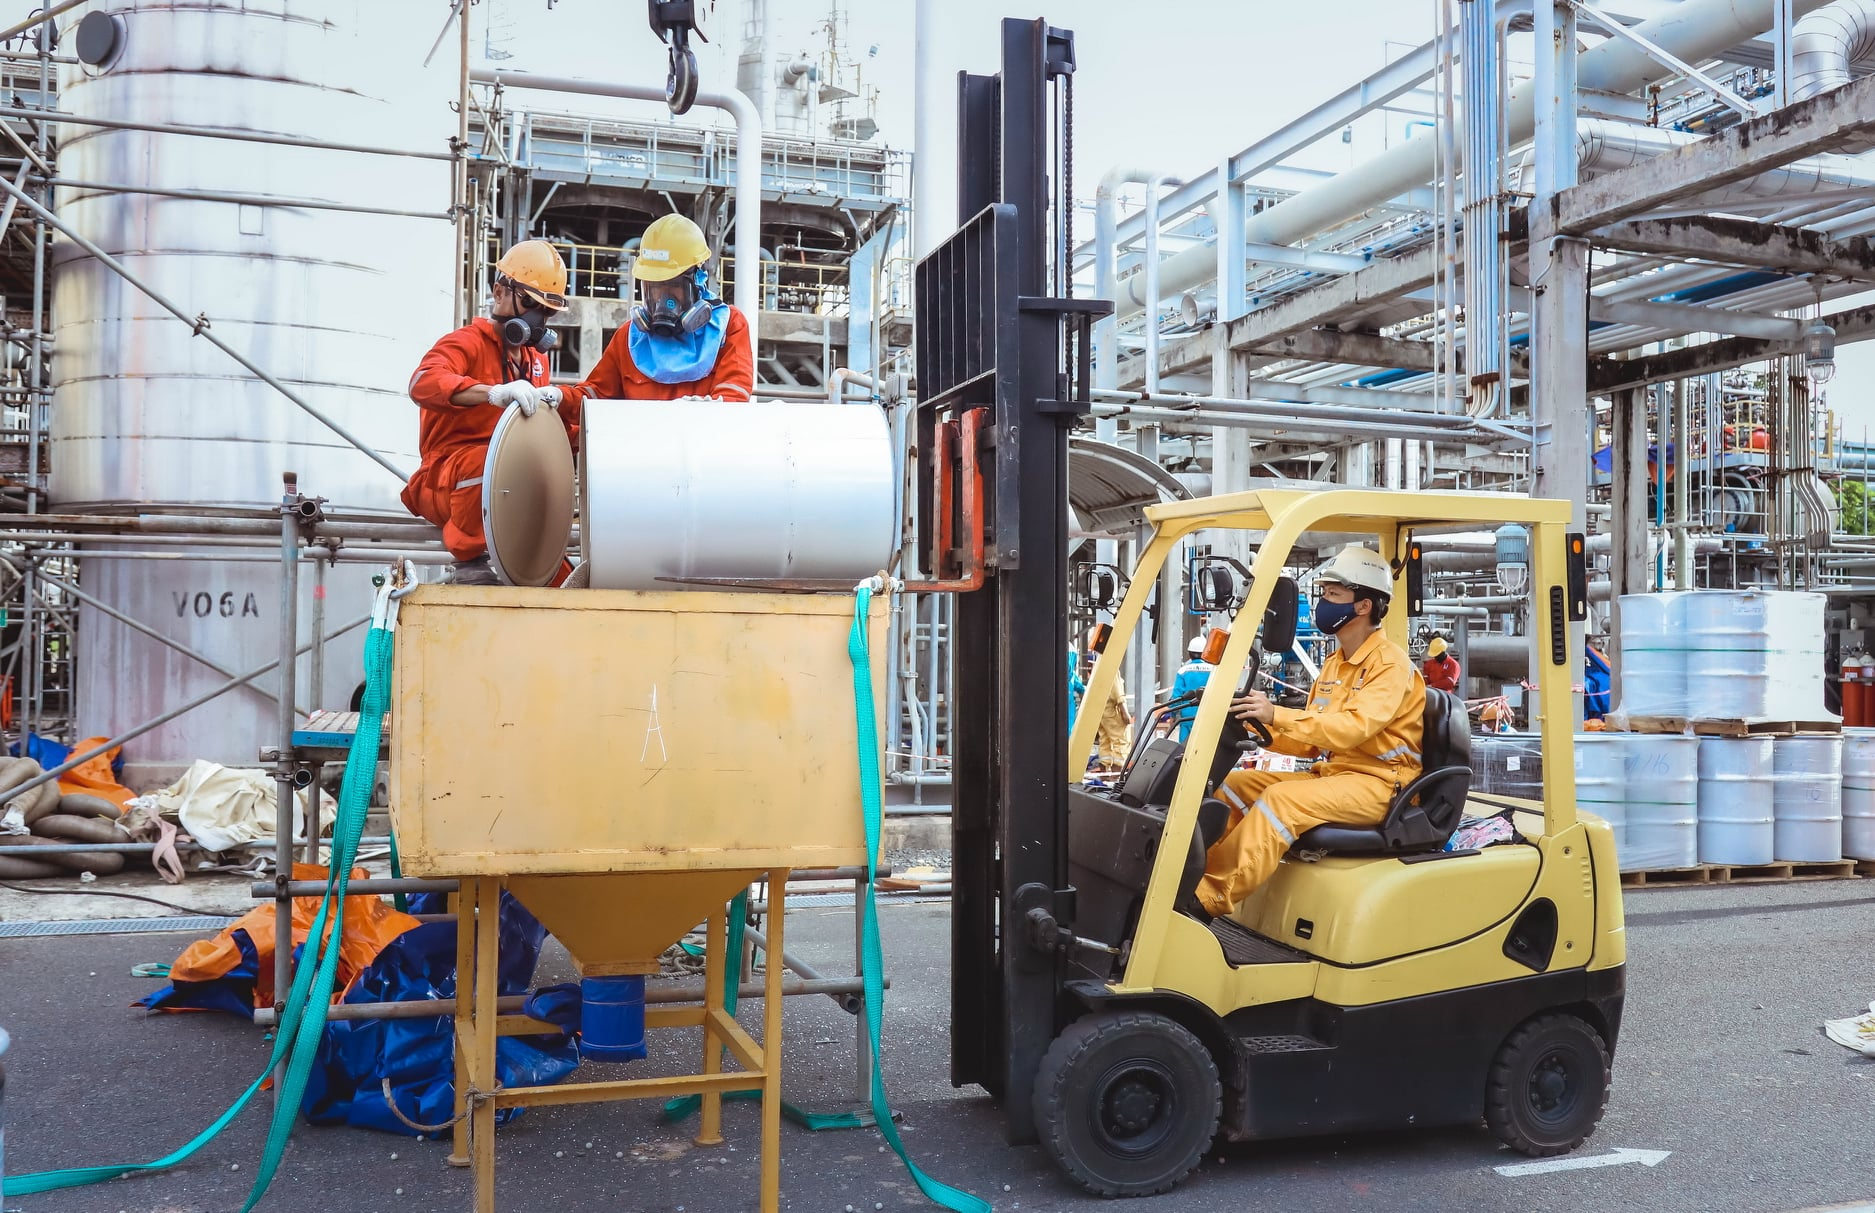 8 tháng đầu năm 2021: PV GAS đảm bảo cấp khí liên tục, hoàn thành vượt mức các chỉ tiêu tài chính